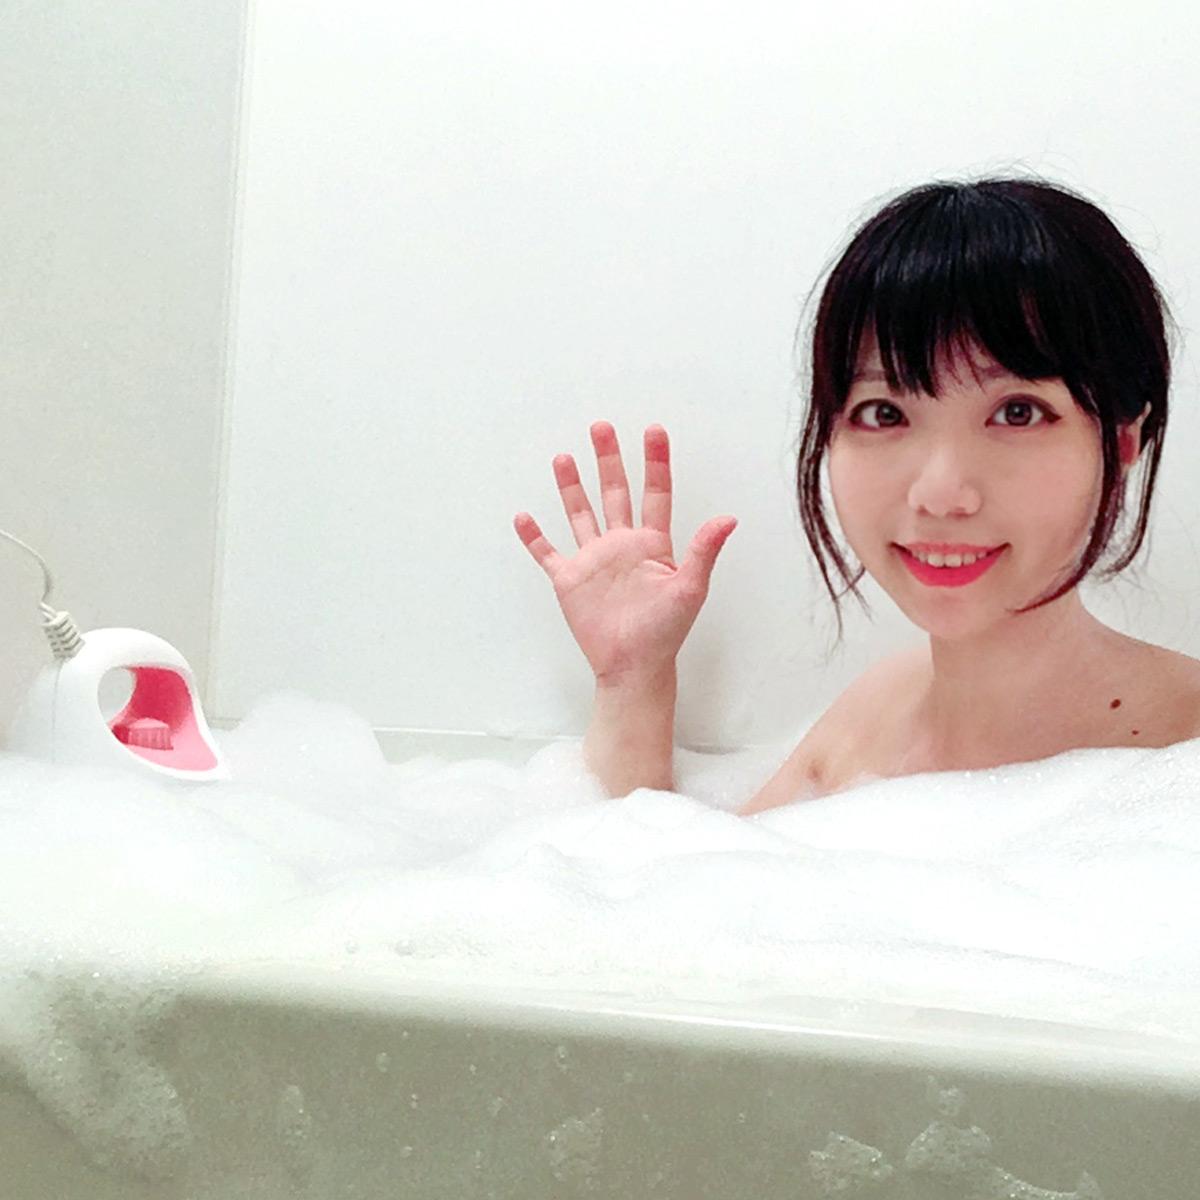 泡風呂にも最適! ペタっと貼るだけの簡易ジャグジーでお風呂がはかどる♪